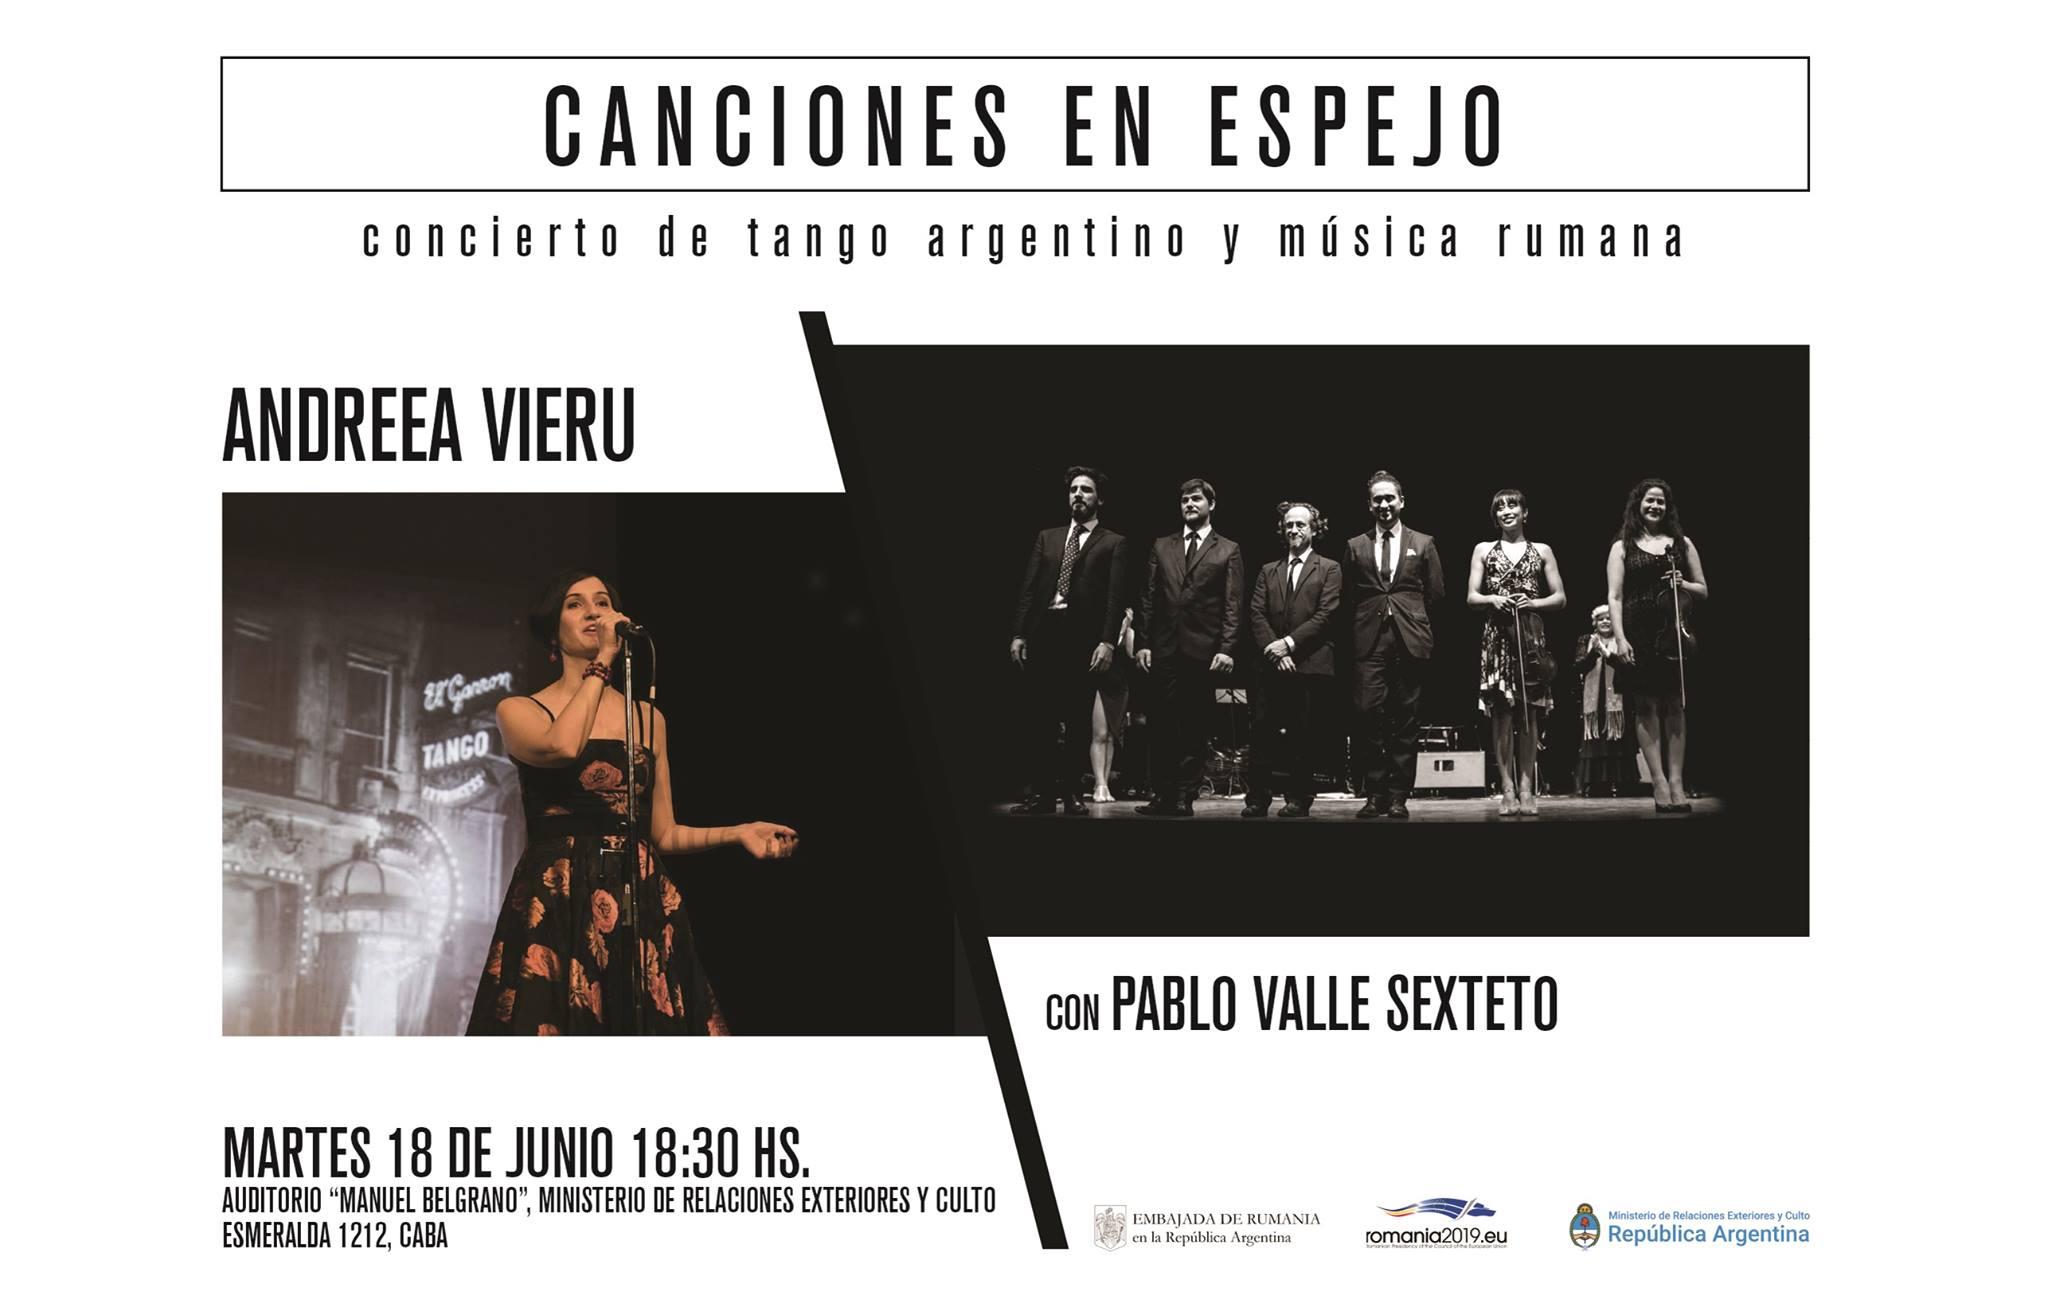 concierto-de-tango-argentino-y-musica-rumana-en-buenos-aires